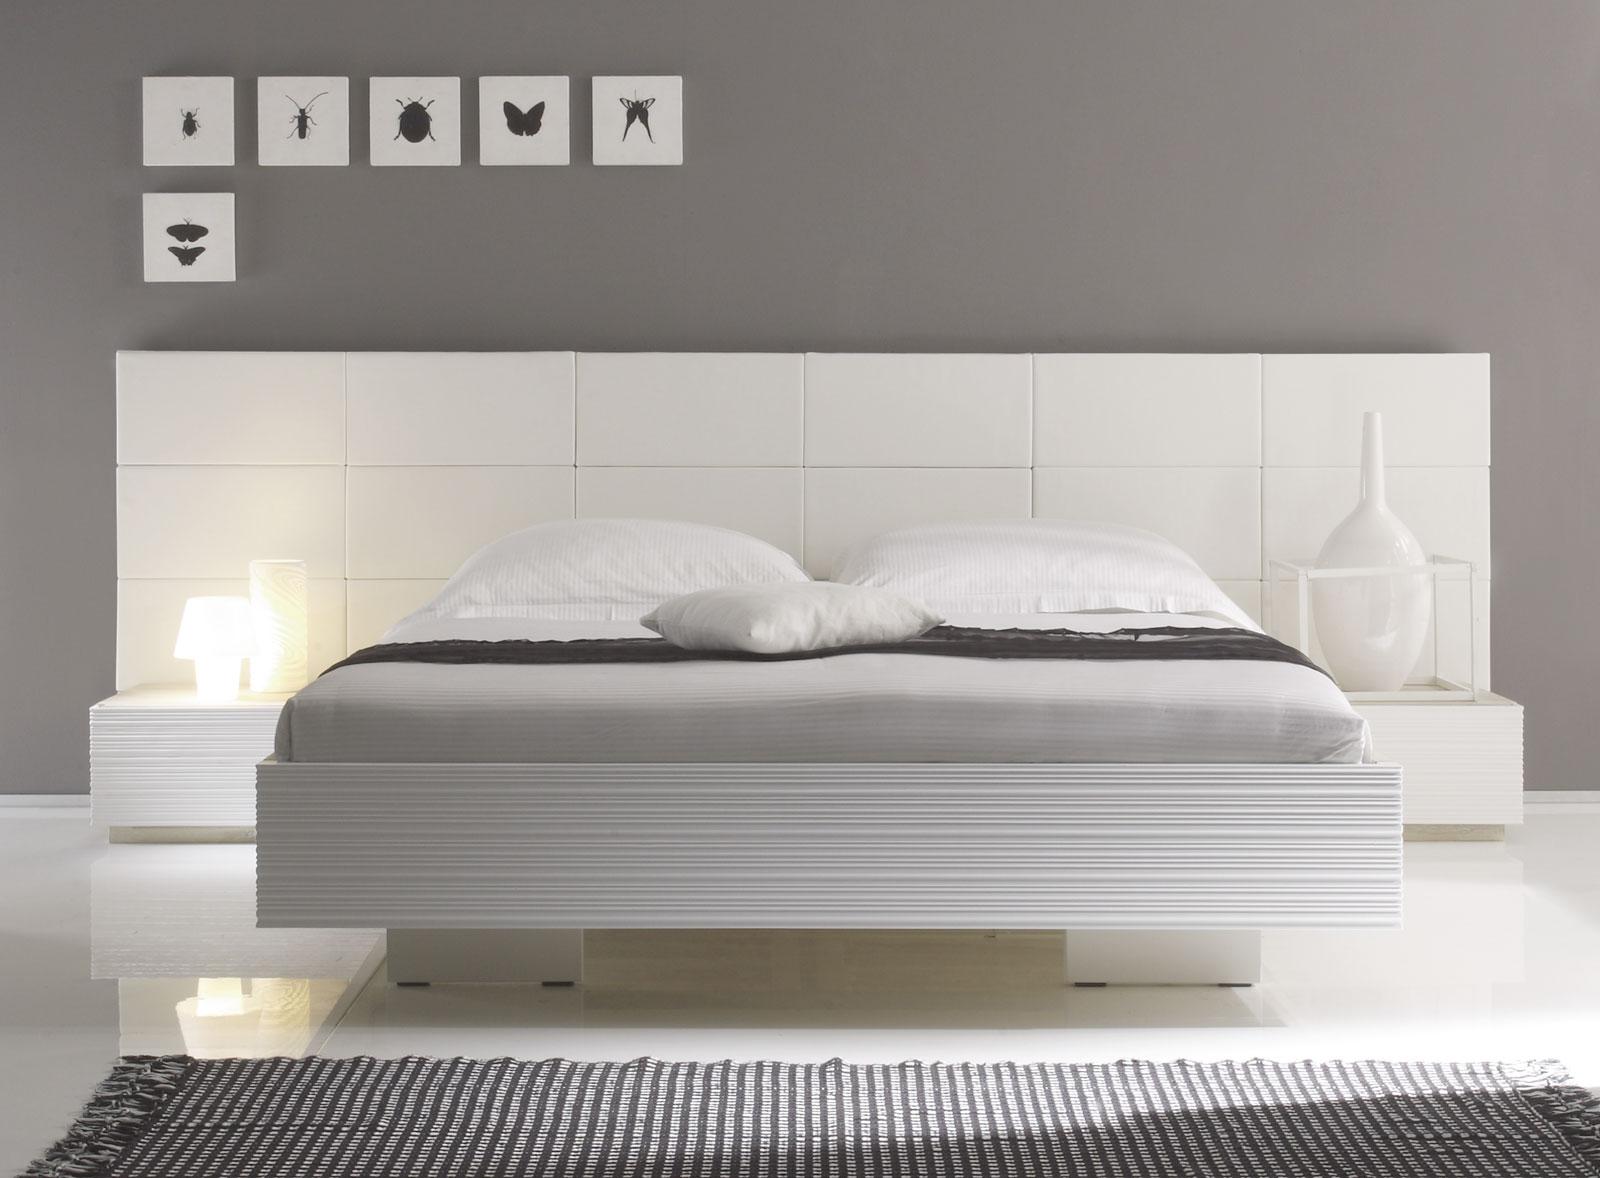 akazienbett inklusive wandpaneel mit kunstlederbezug in weiß - Schlafzimmer Bett Weis